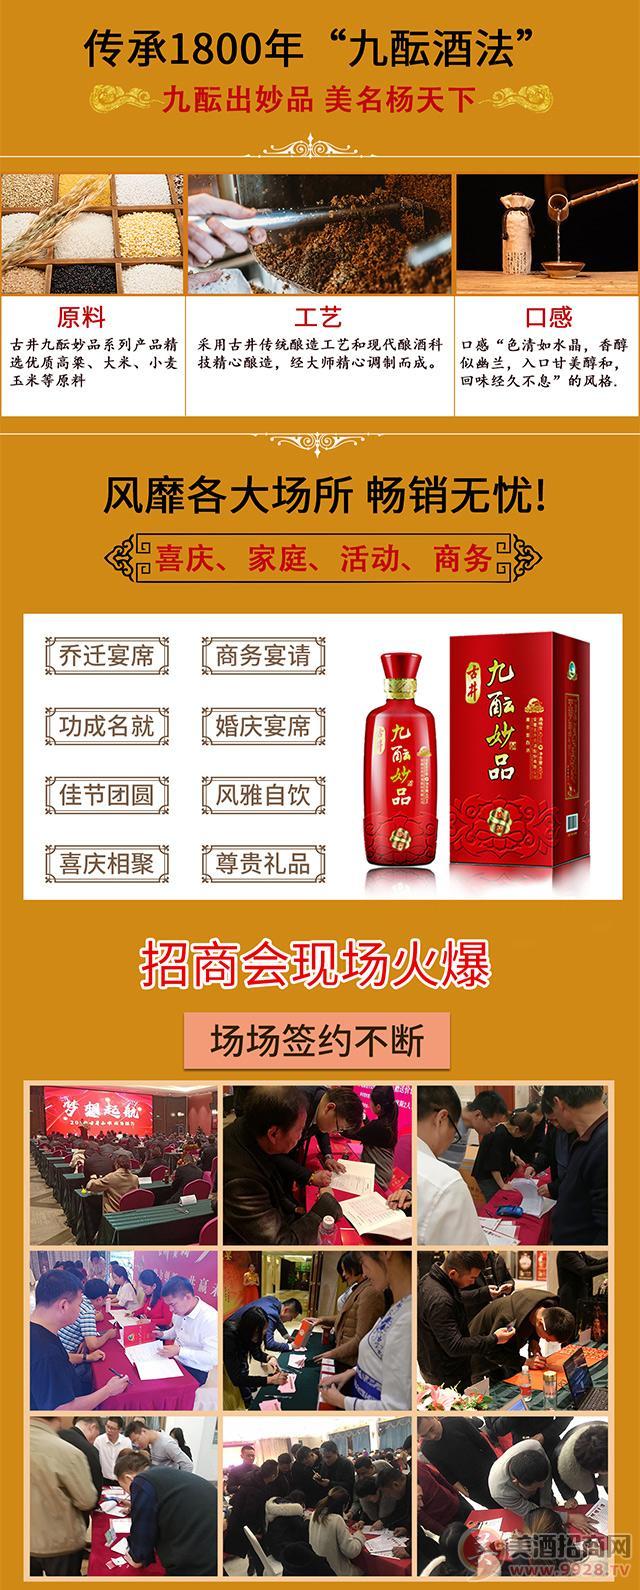 安徽古井九�j妙品酒�I有限公司